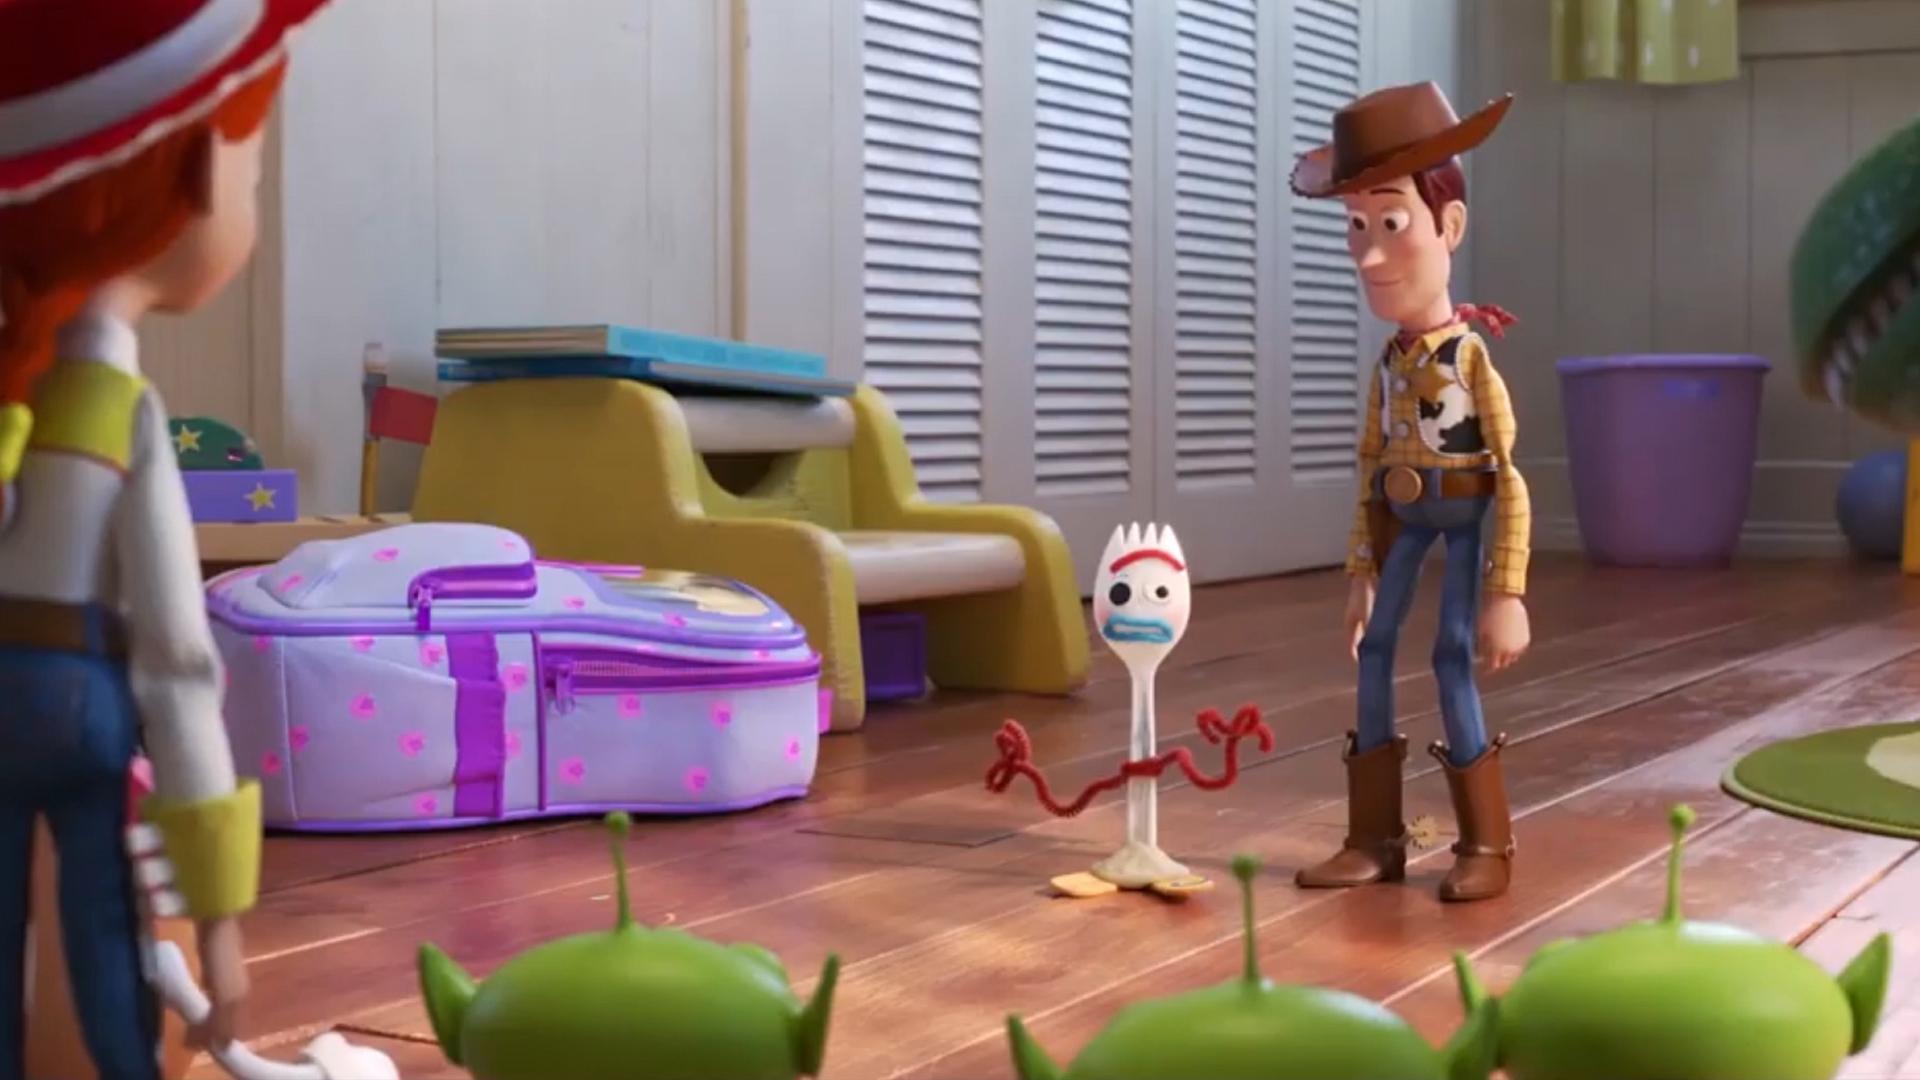 Quién Es Forky El Nuevo Personaje Tenedor De Toy Story 4 Que Es